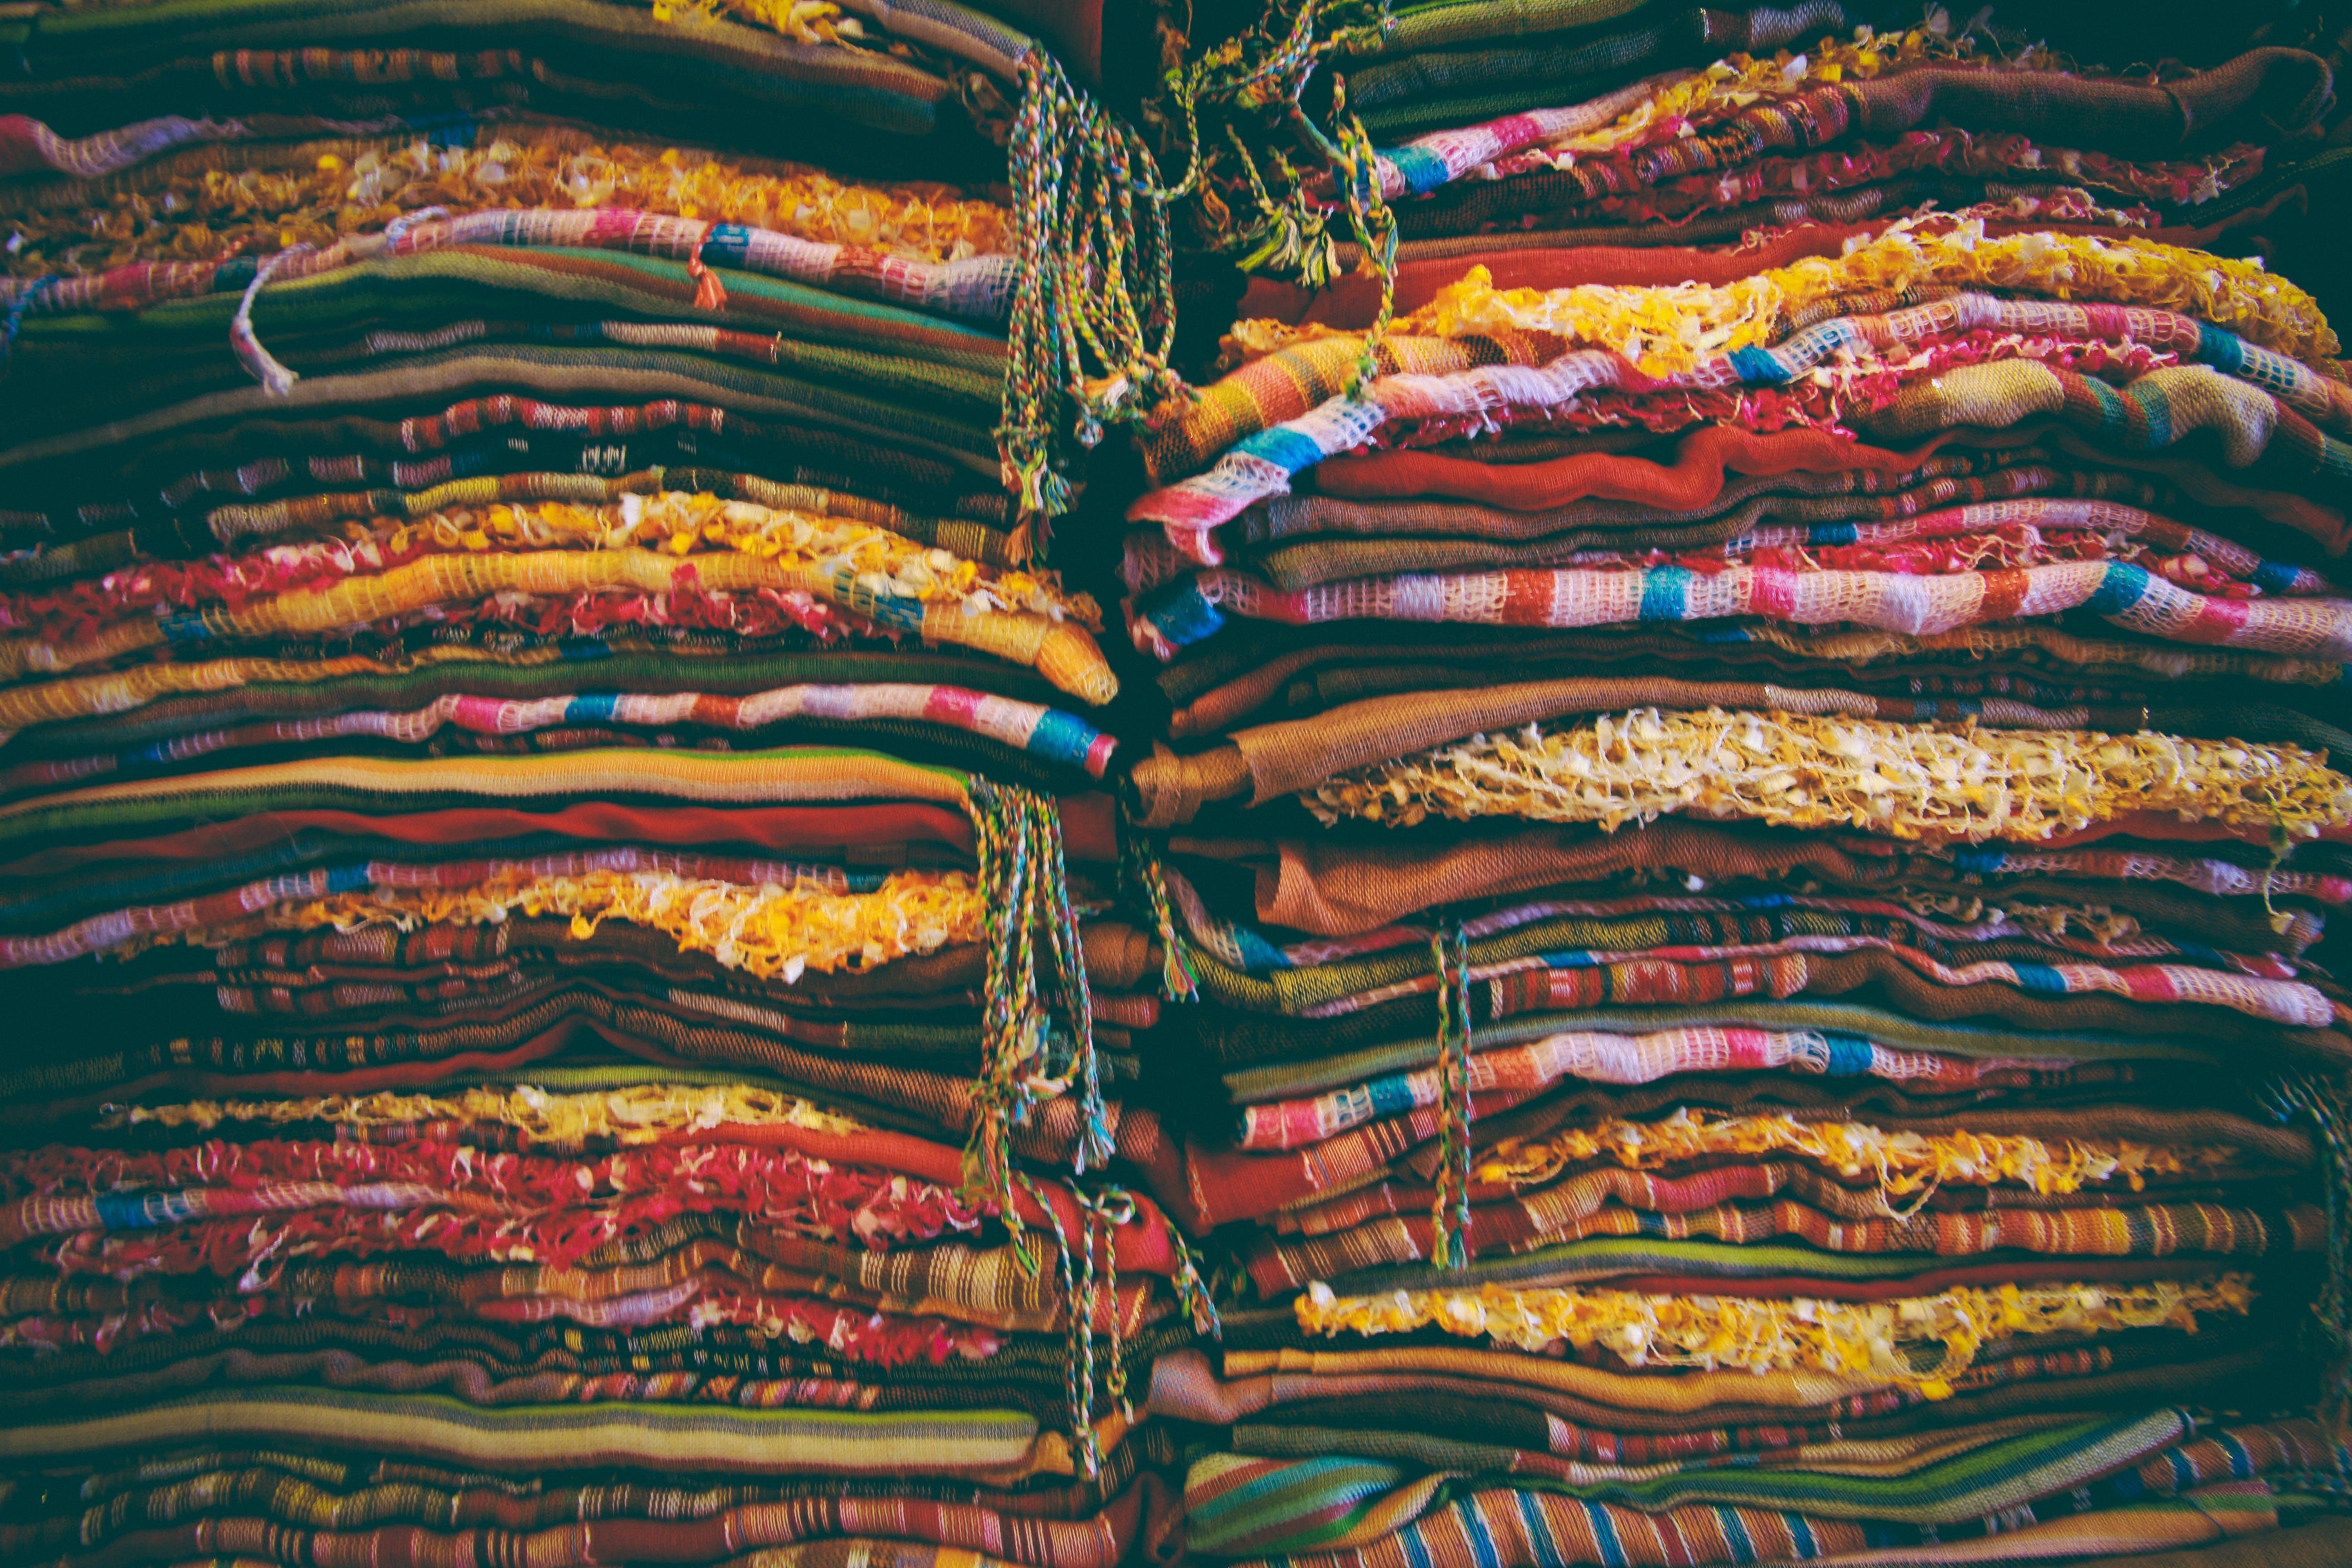 Darmowe zdjęcie z galerii z pstrokacizna, tekstylia, tkanina, ułożony w stos